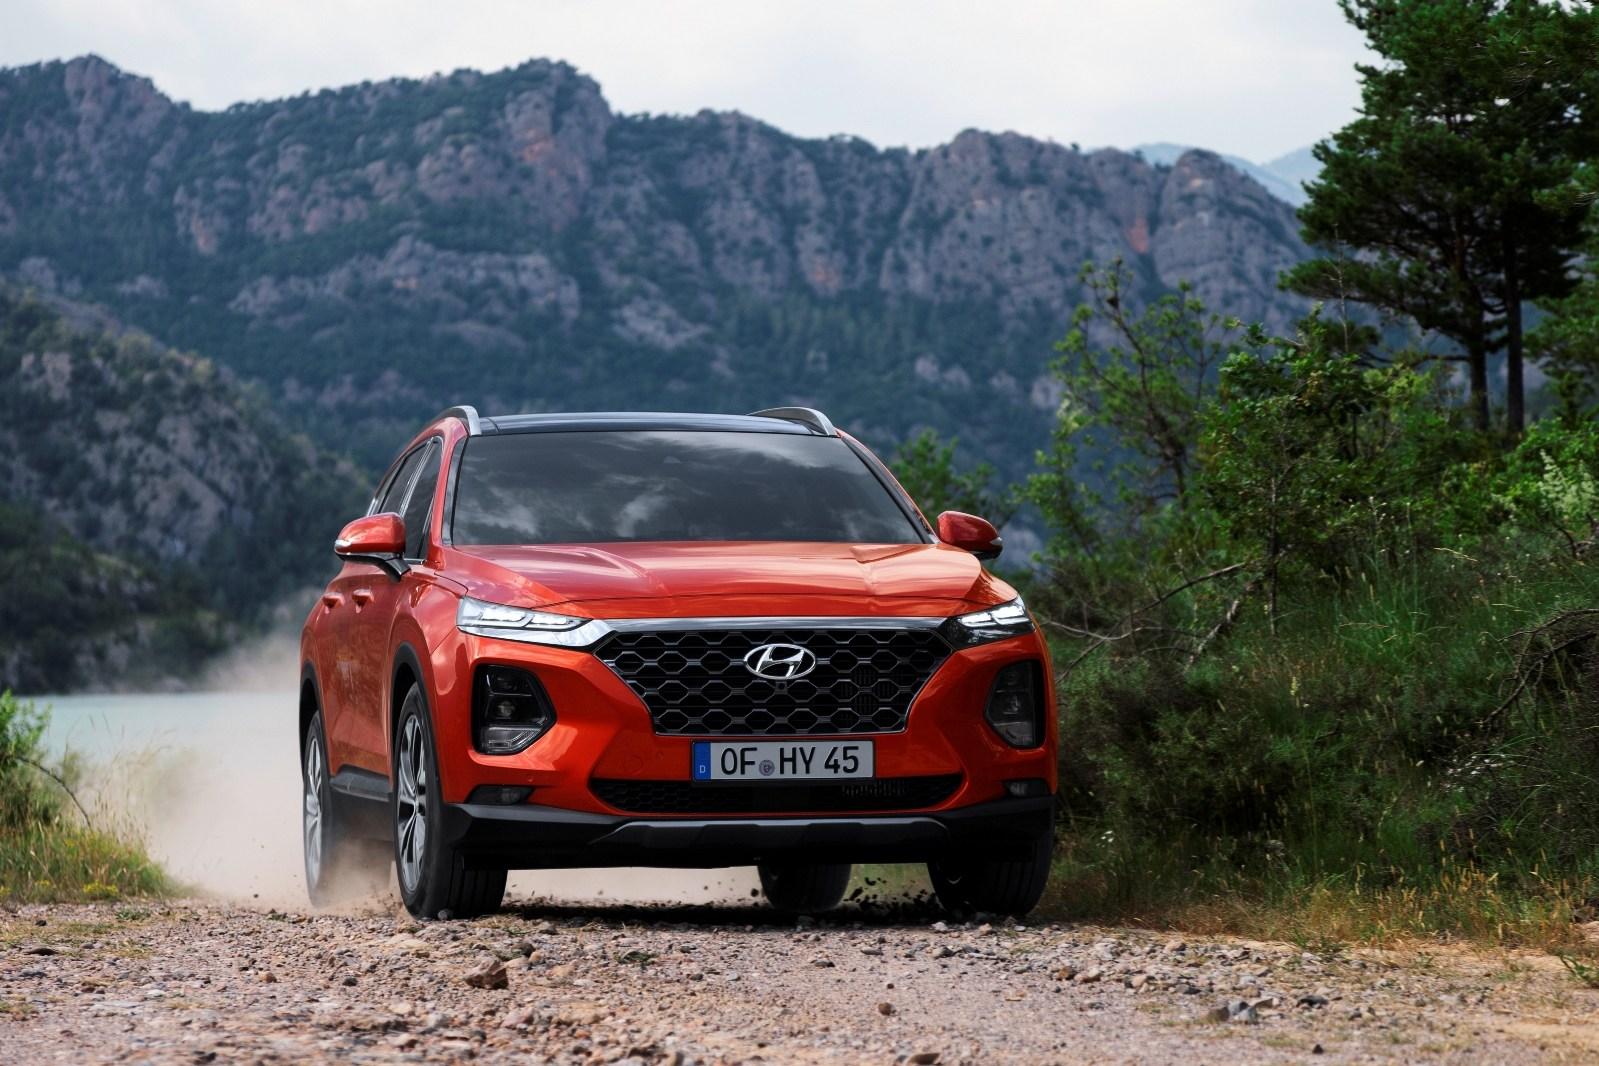 Η νέα SUV βεντάλια της Hyundai ετοιμάζει δυναμική έφοδο στην ευρωπαϊκή αγορά